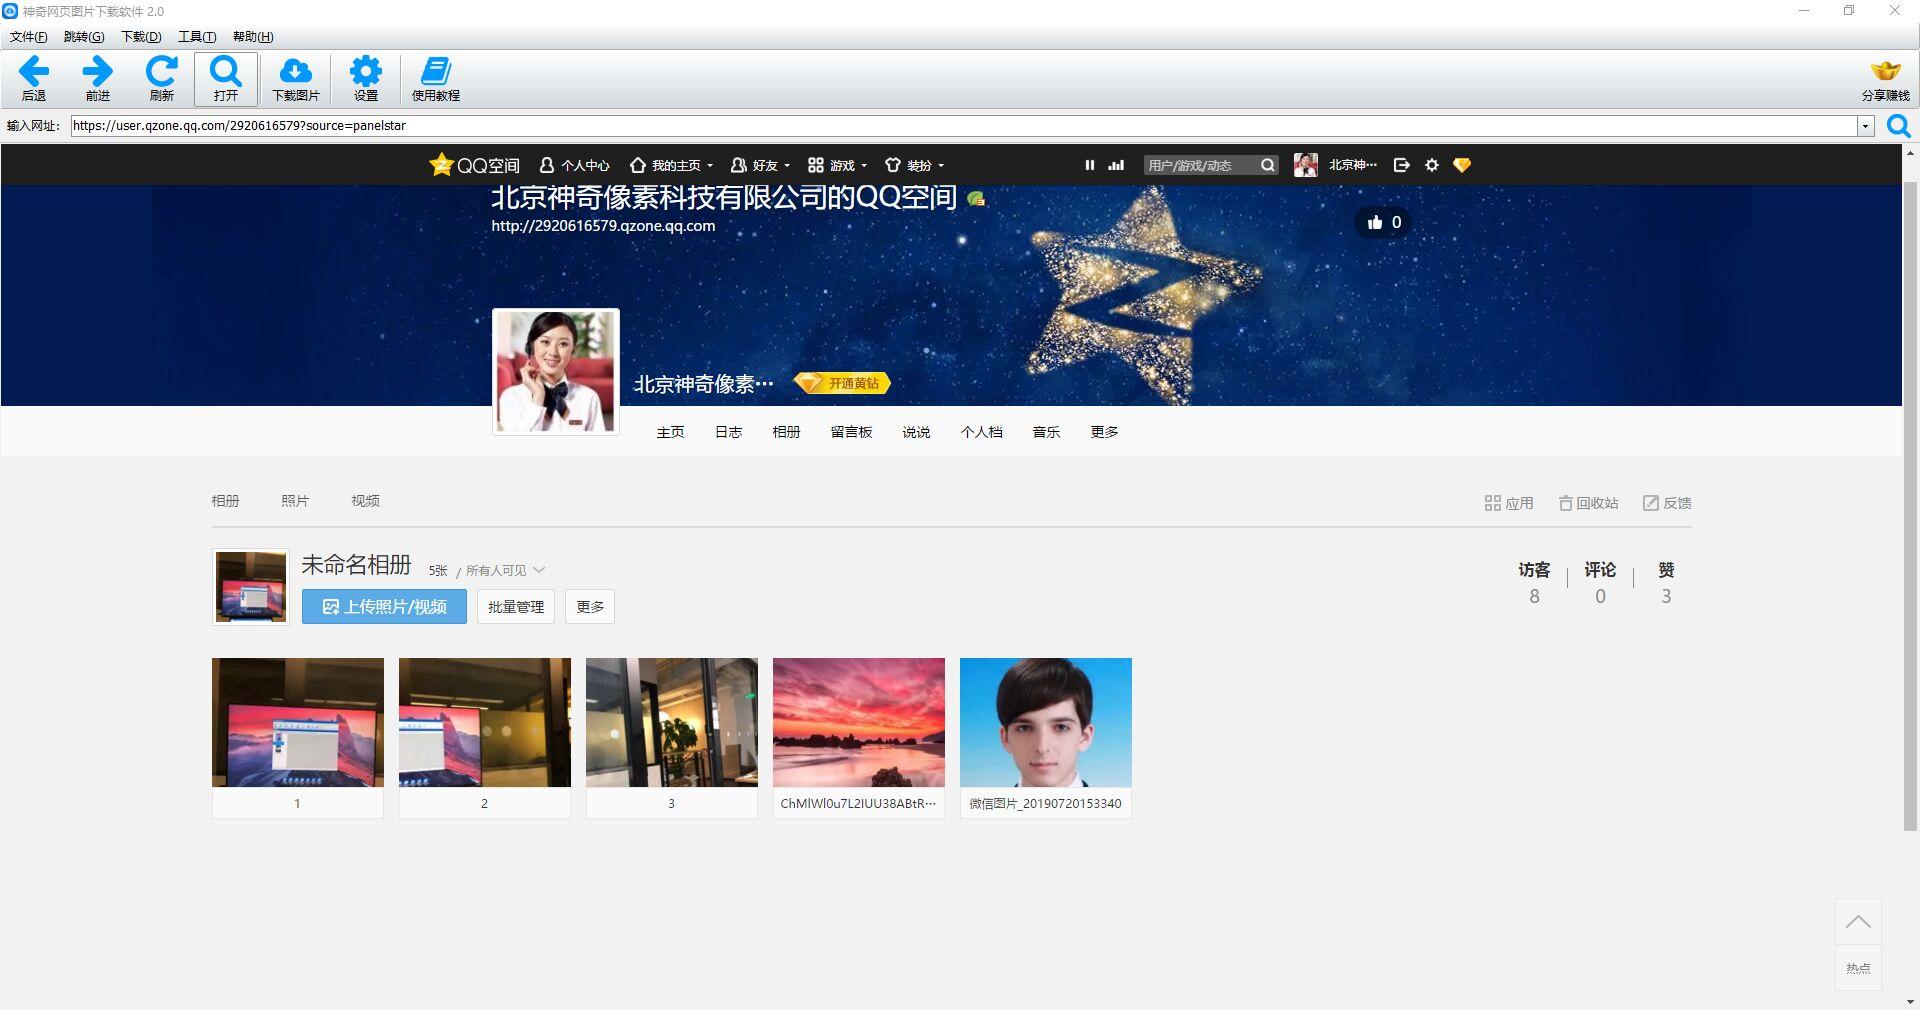 神奇网页图片下载软件下载QQ相册图片4